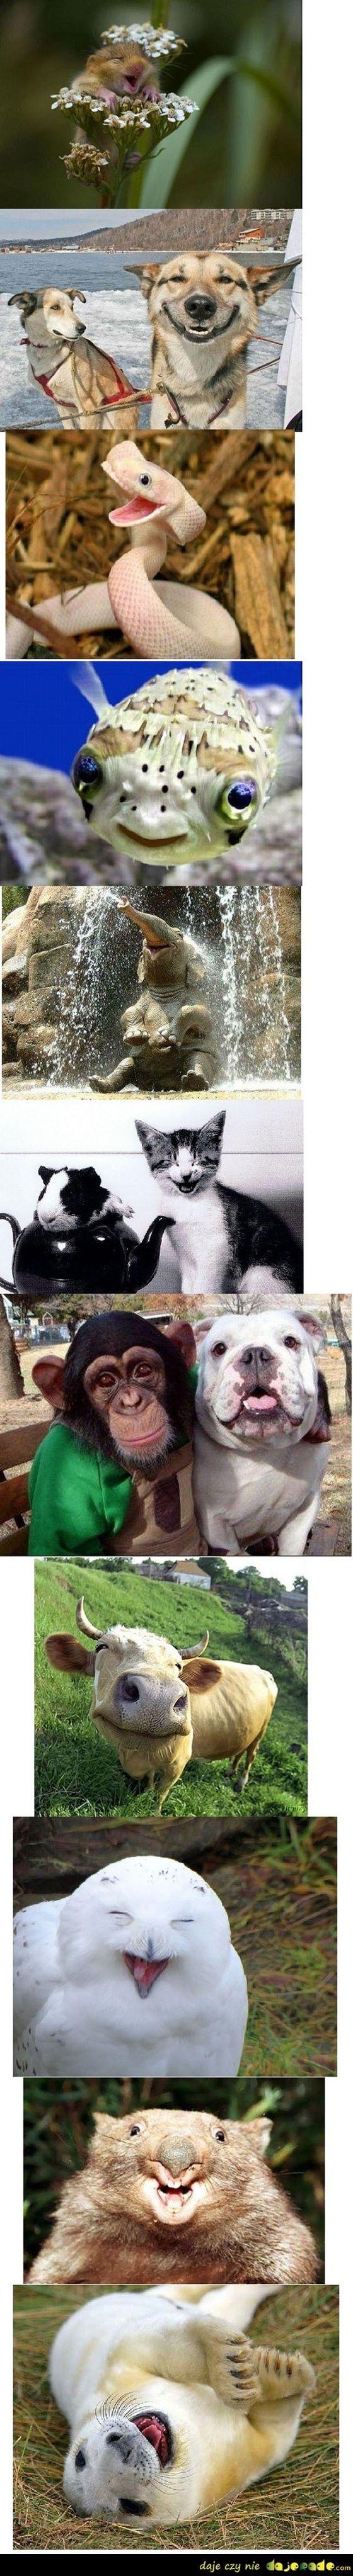 Smiling animals :D